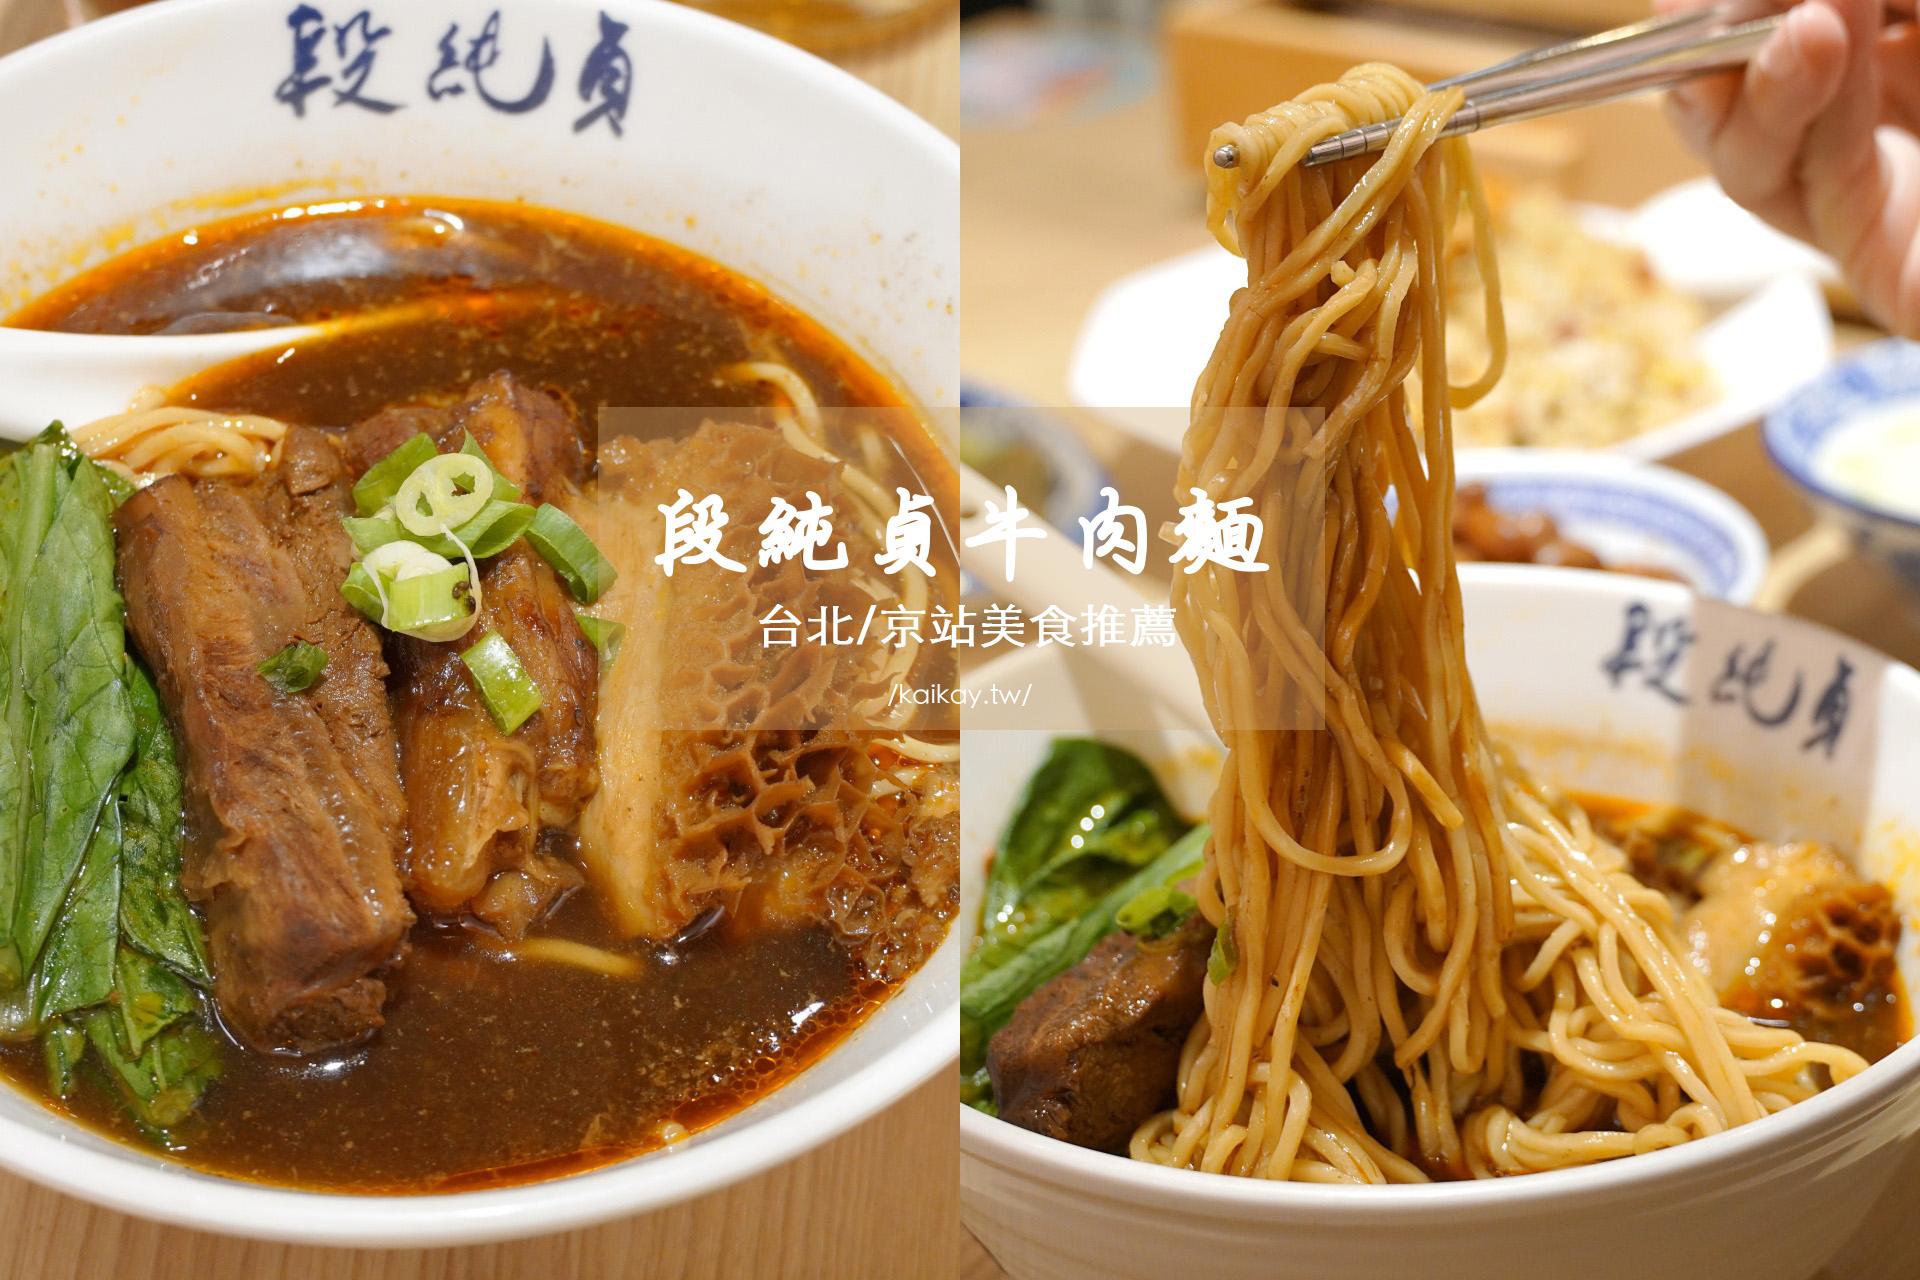 即時熱門文章:☆【台北 / 京站】段純貞牛肉麵-湯鮮甜、肉大塊。台北車站平價美食推薦